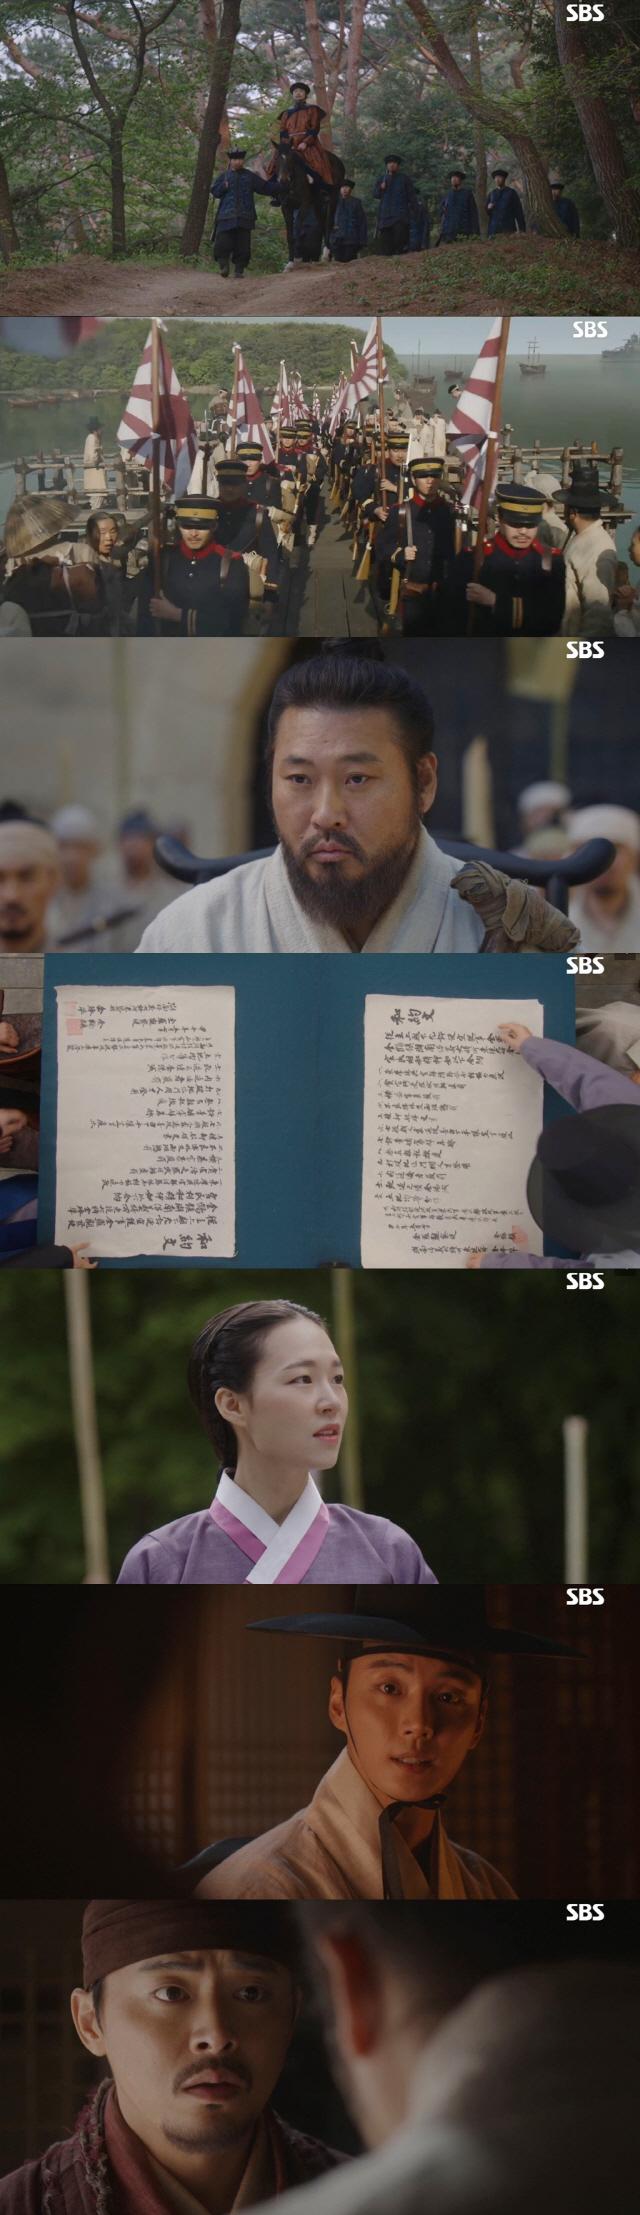 '녹두꽃' 2막 시작, 앞으로의 전개는? 역사로 보는 힌트..청-일 외세등장